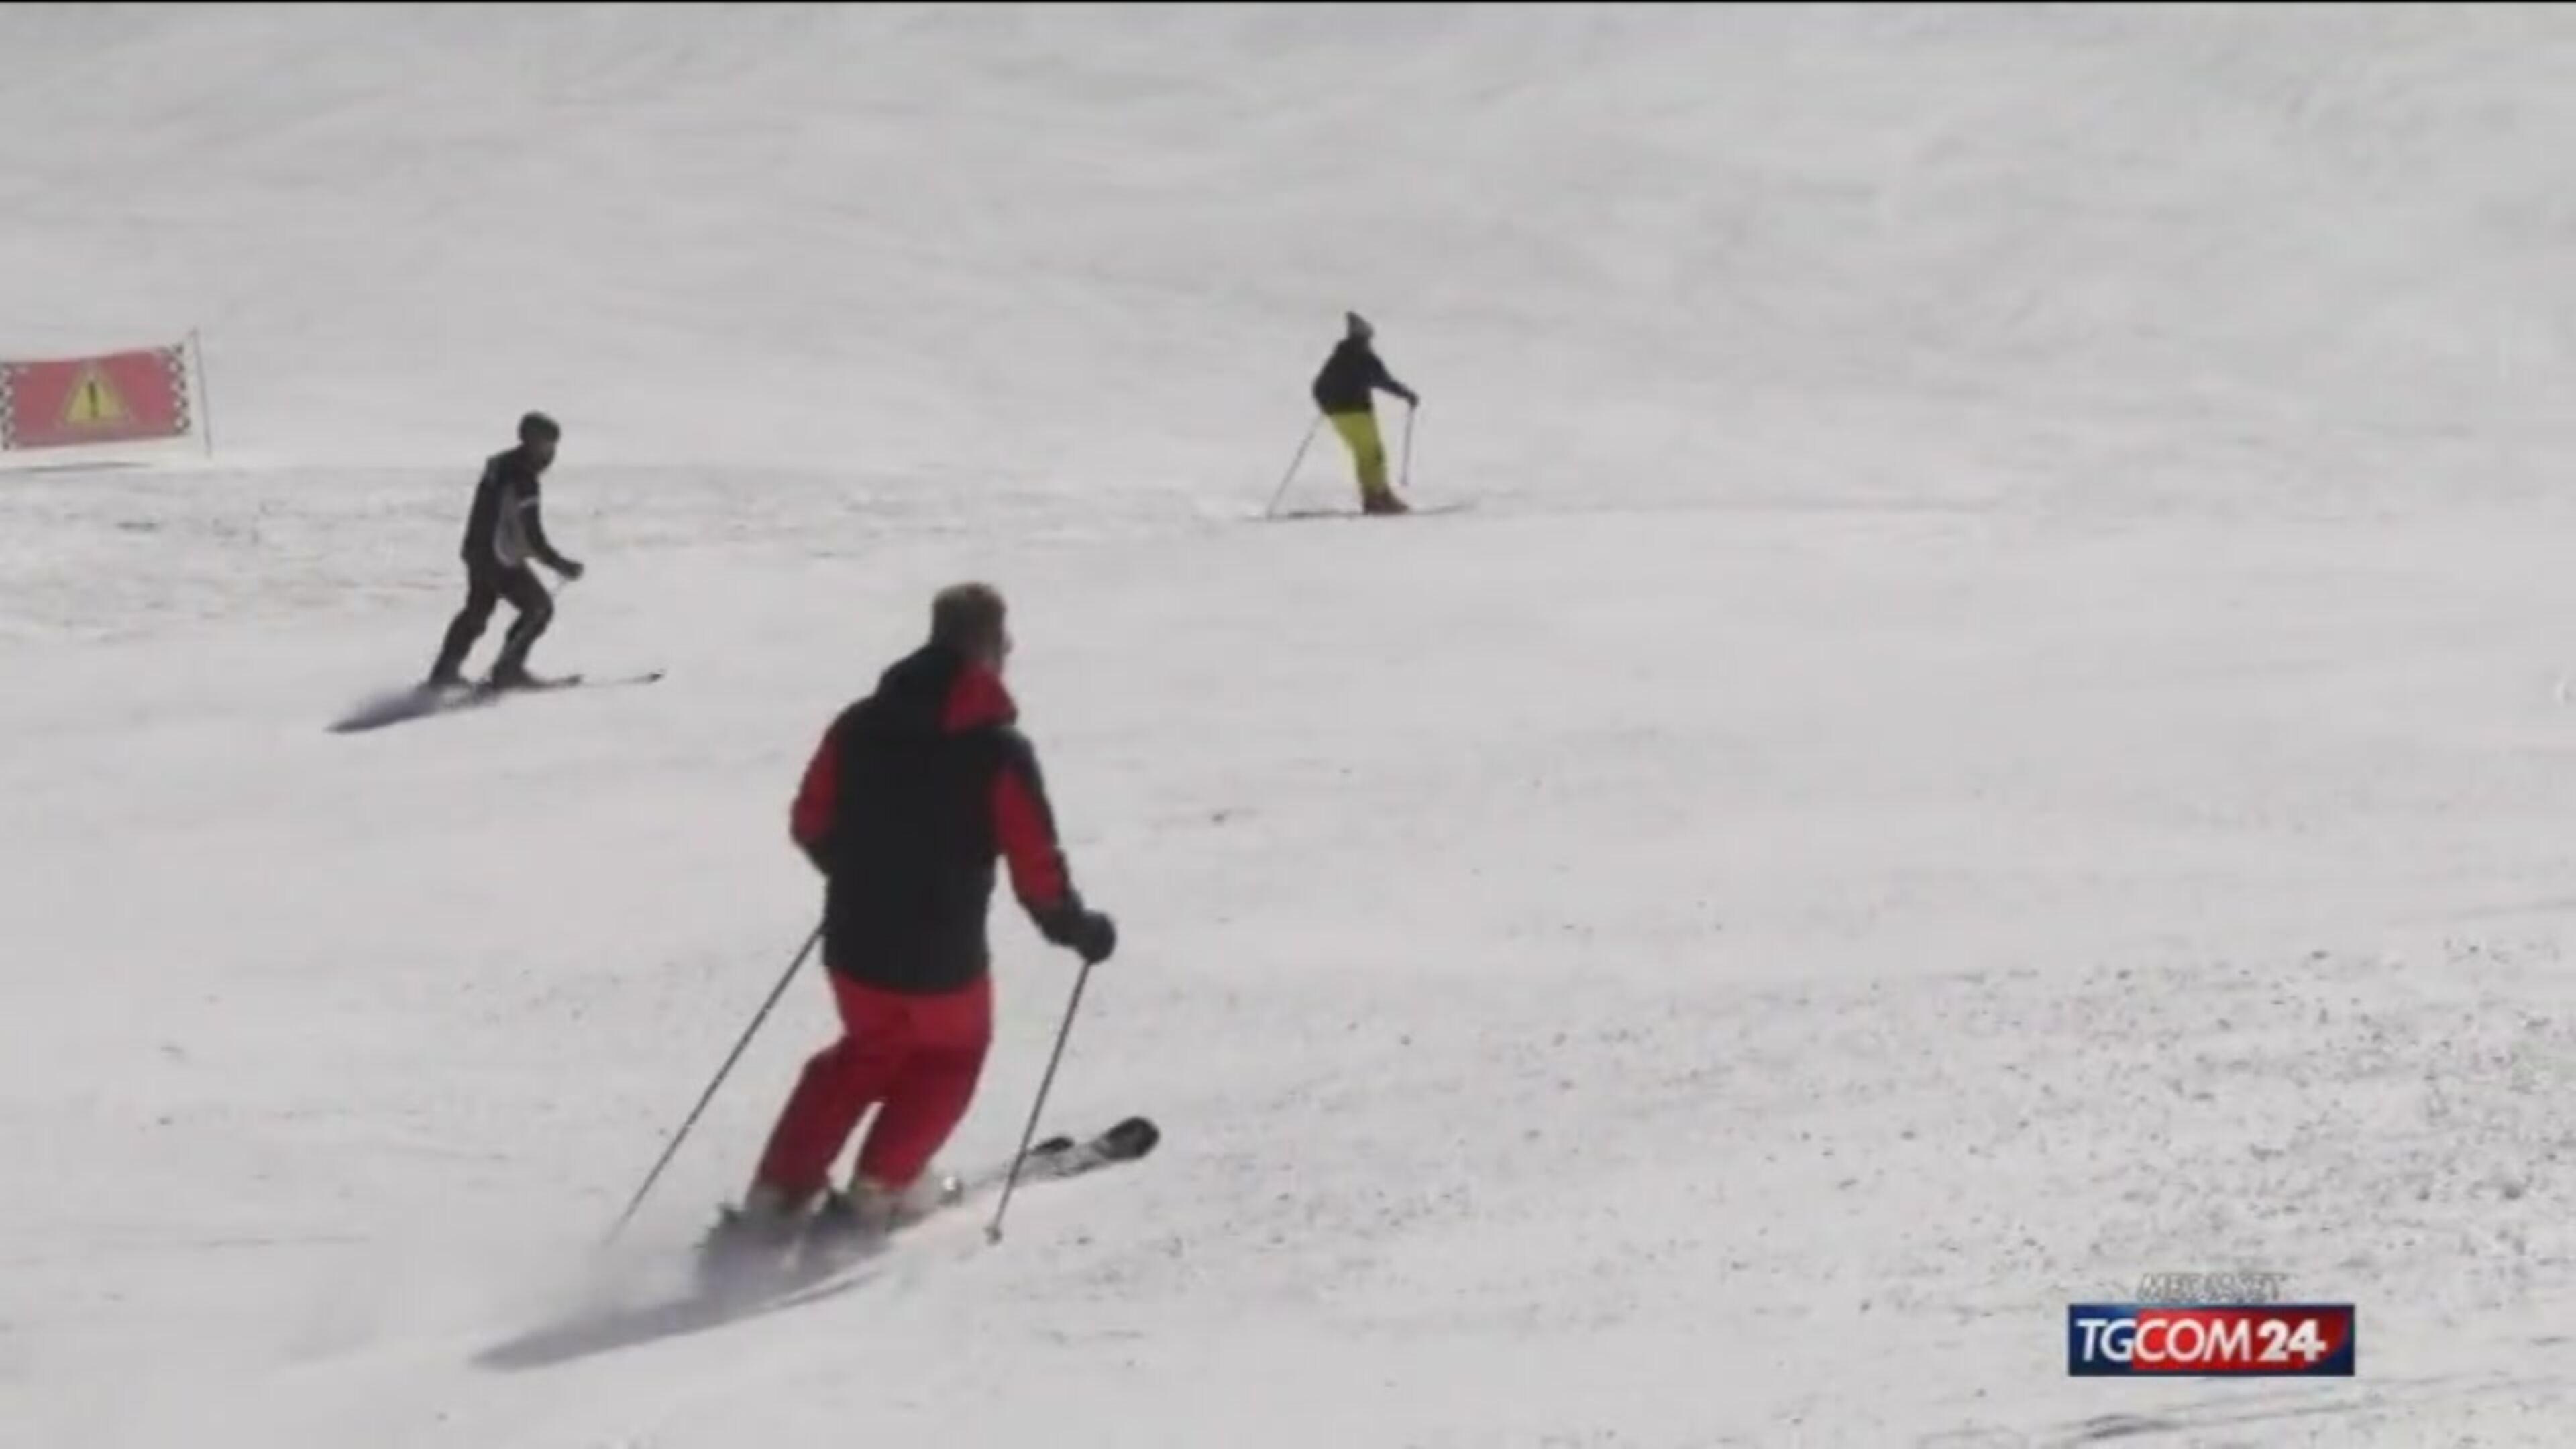 Immigrati sugli sci in Carnia, i volontari: è integrazione